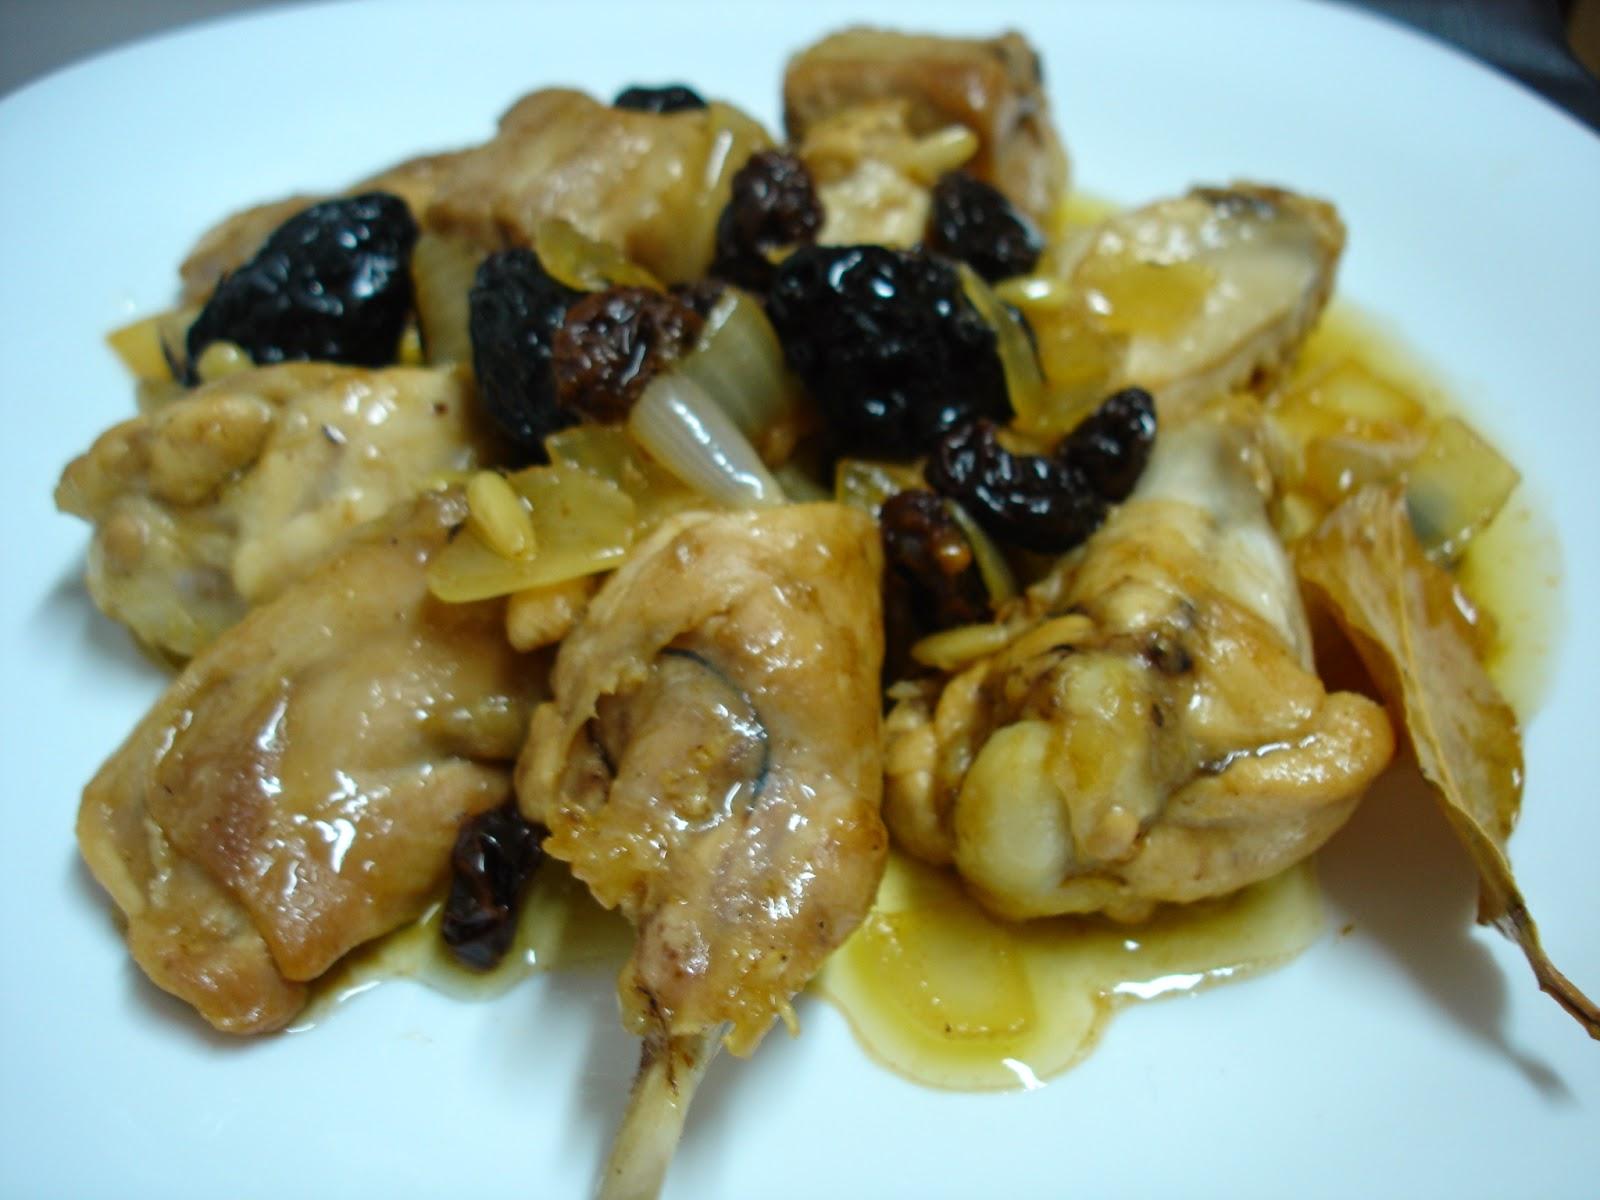 Cuinar i viatjar guisado de carne con ciruelas uvas - Carne con ciruelas pasas ...